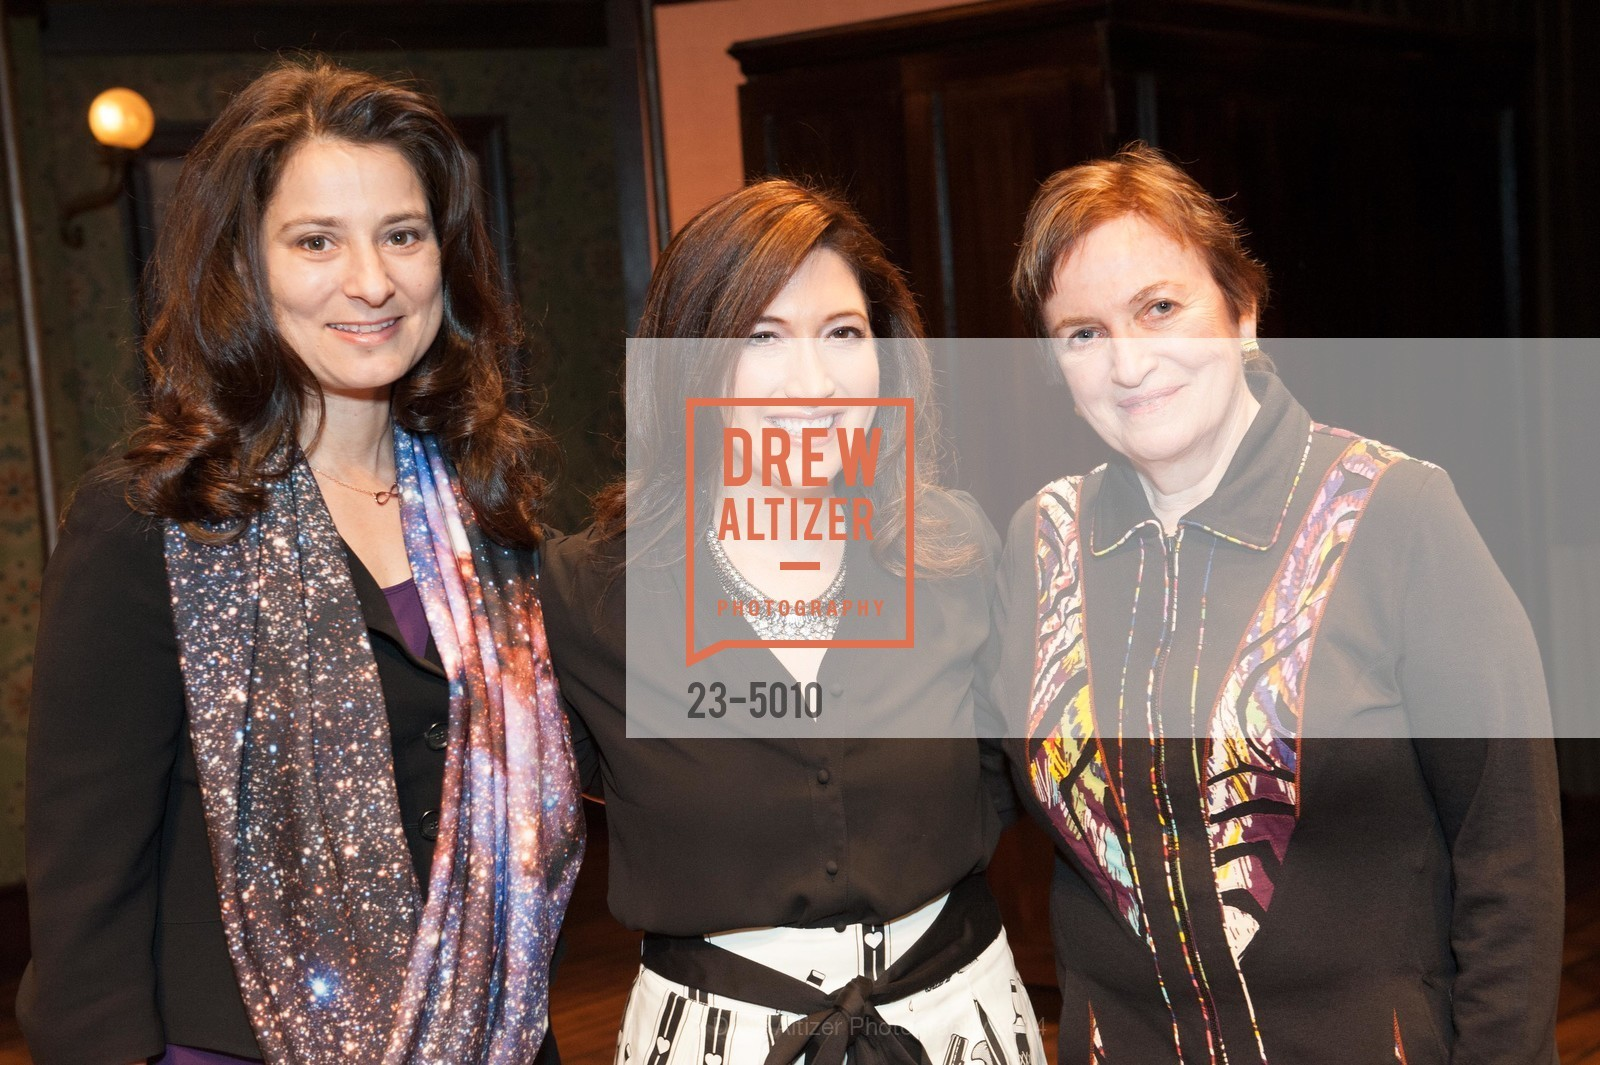 Natalie Batalha, Randi Zuckerberg, Ann Bowers, Photo #23-5010